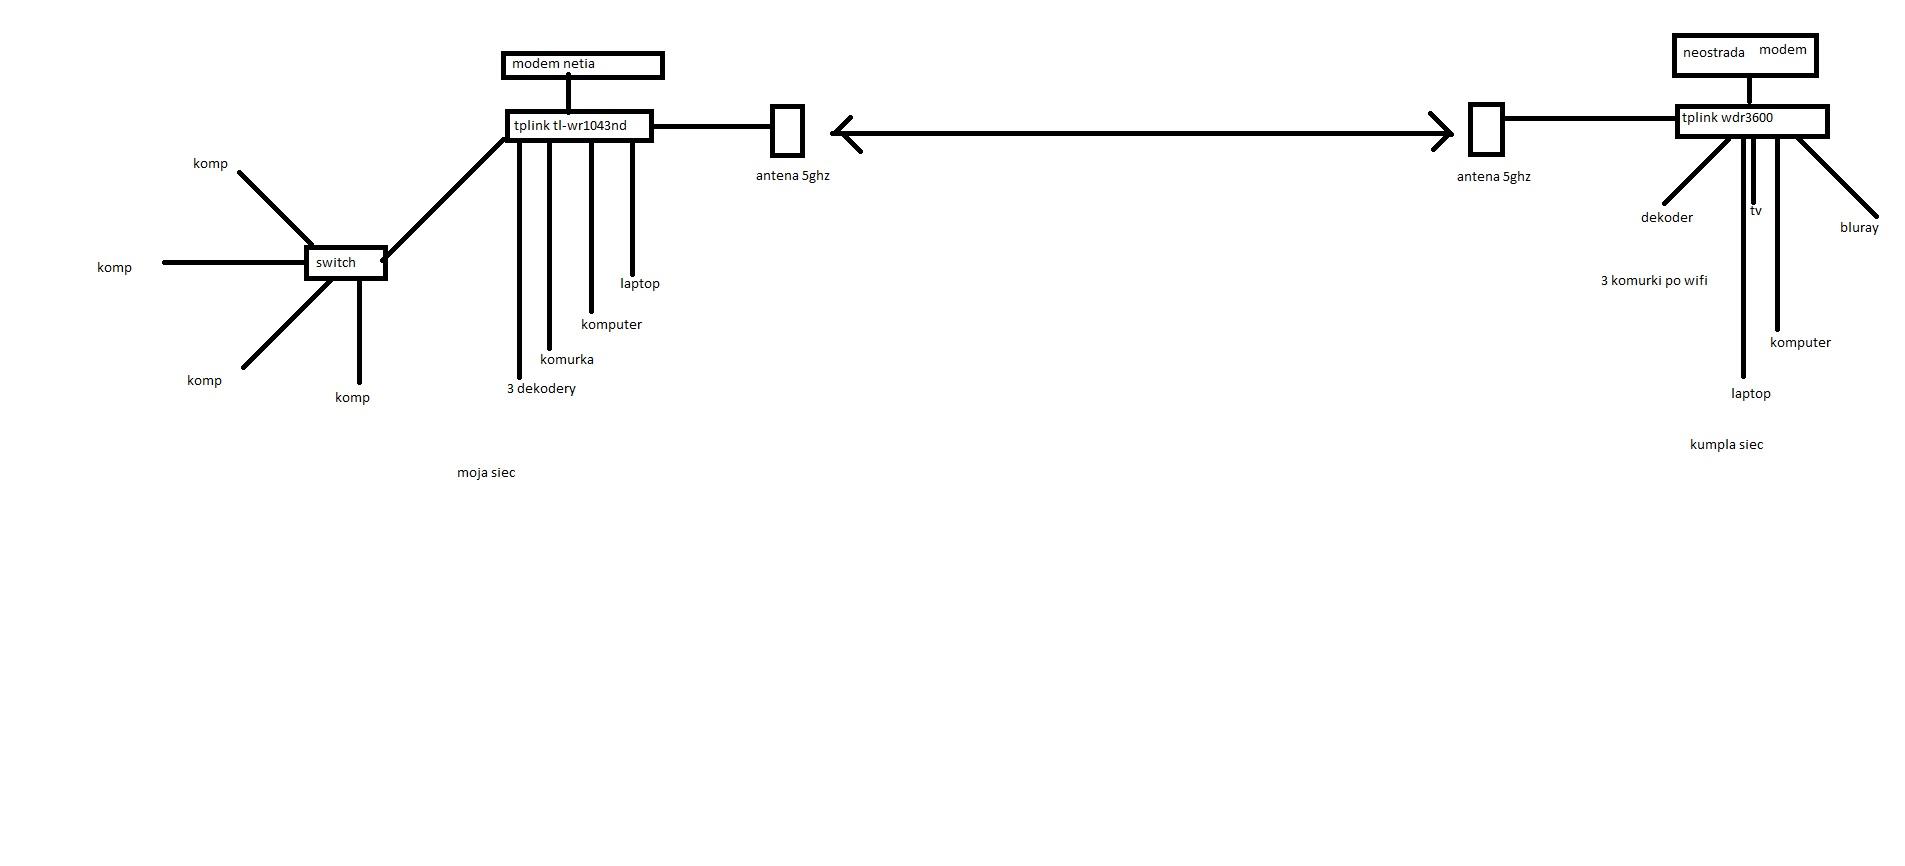 2 routery i 2 serwery dhcp w jednej sieci lan?